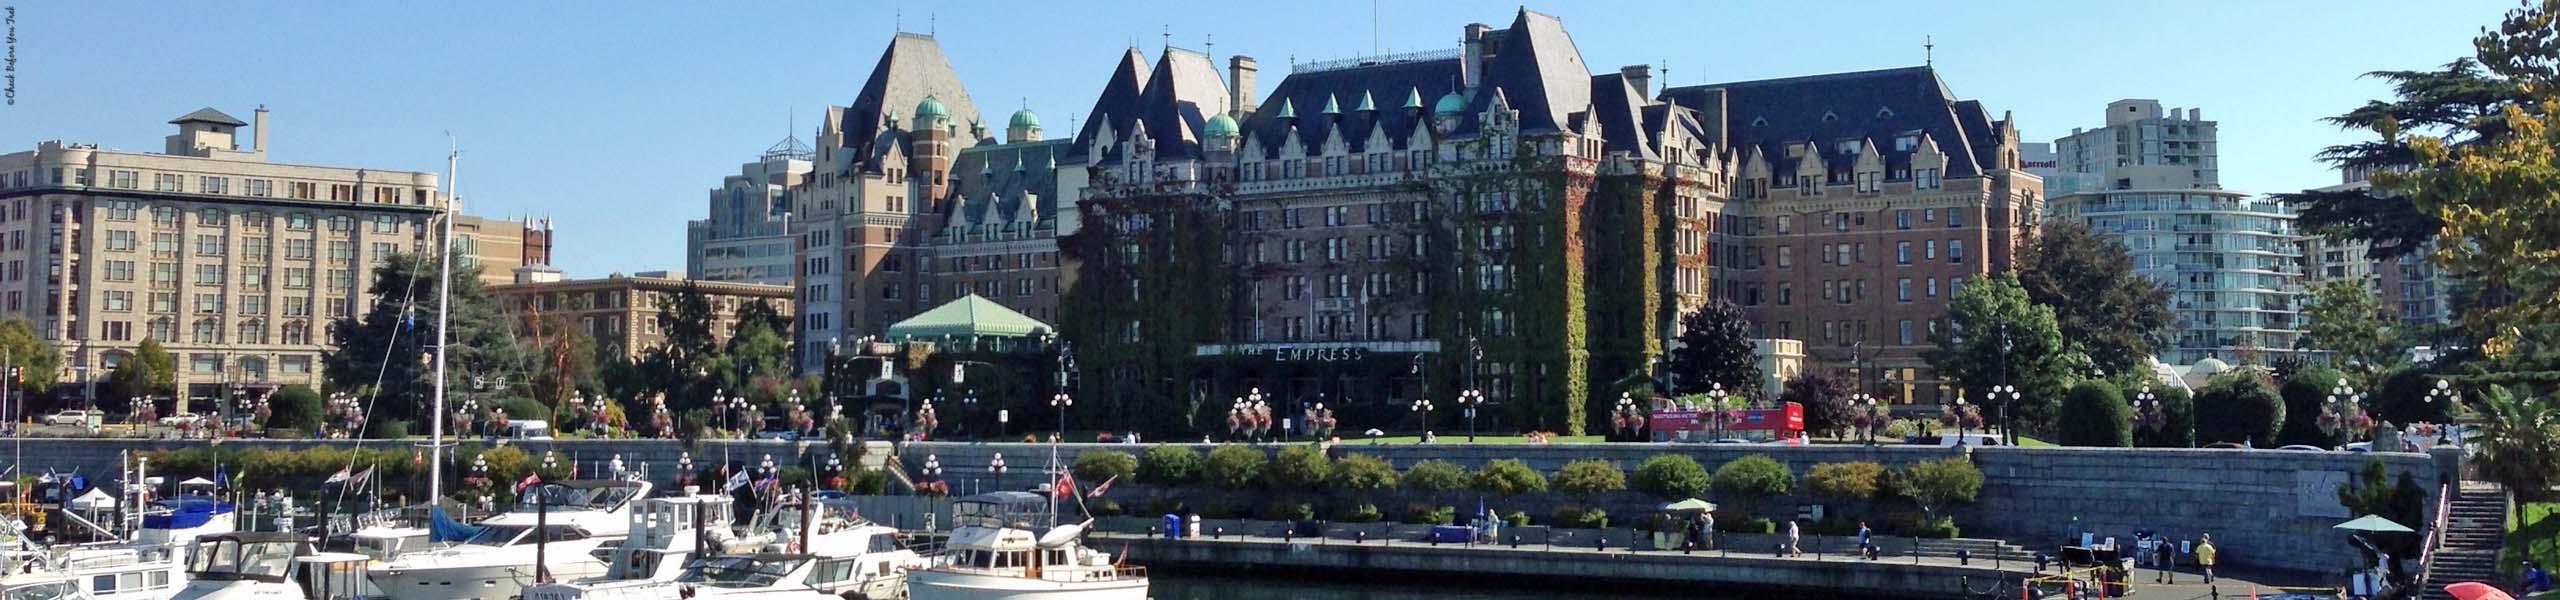 Featured Photo - Fairmont Empress - Victoria, British Columbia, Canada